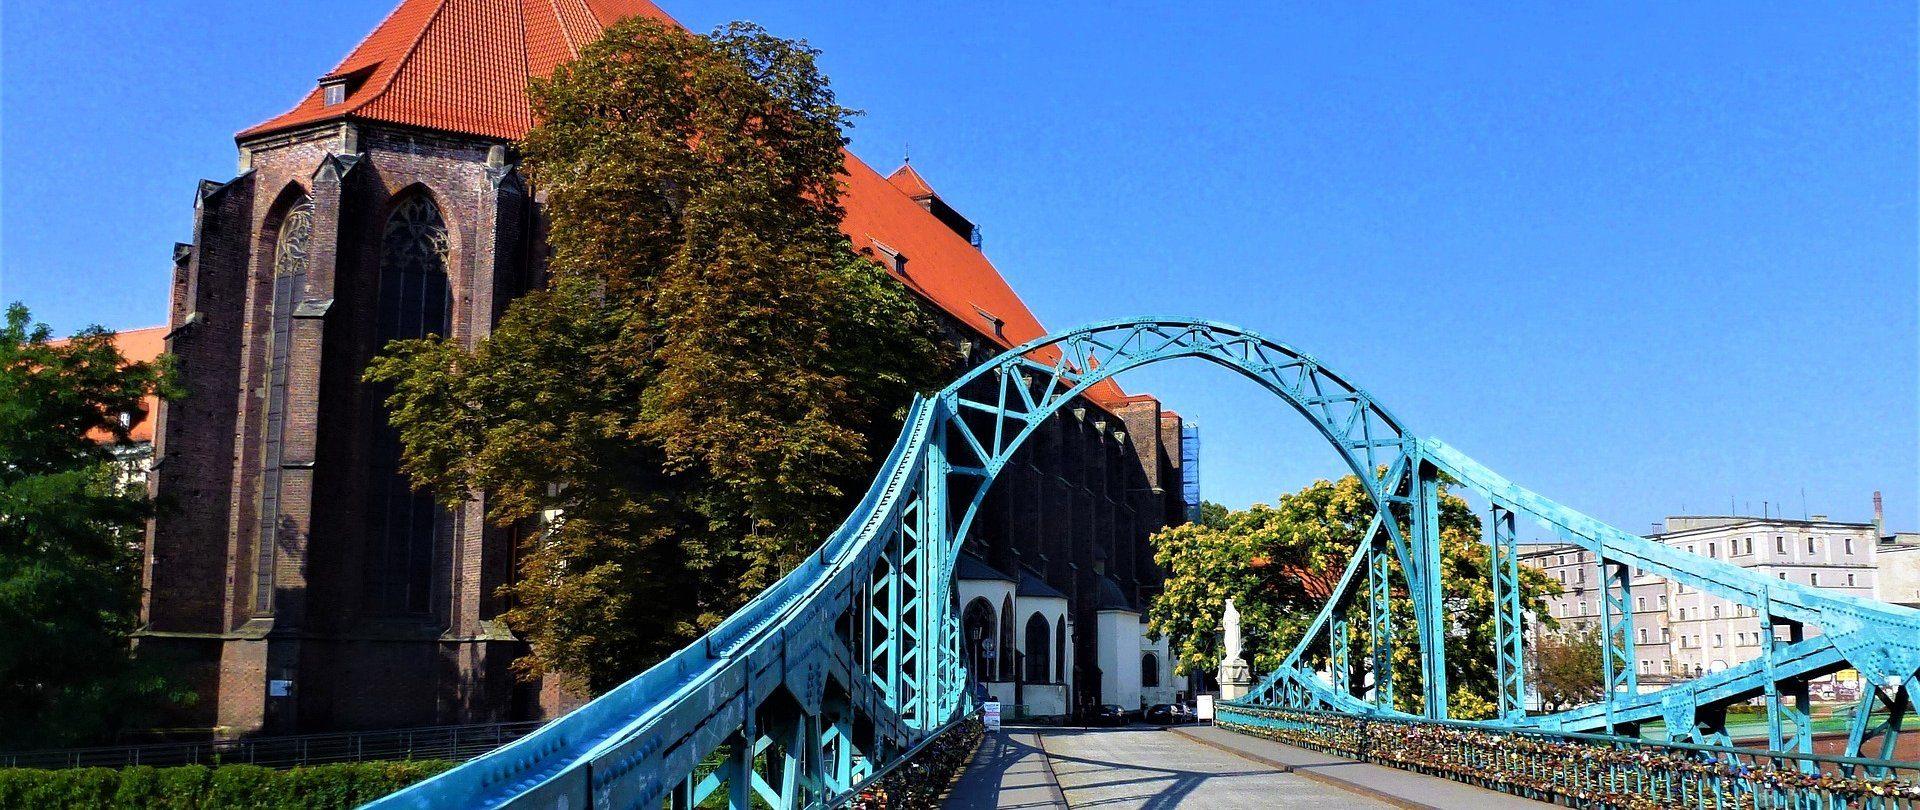 Wenecja Północy. Spacer po wrocławskich mostach.